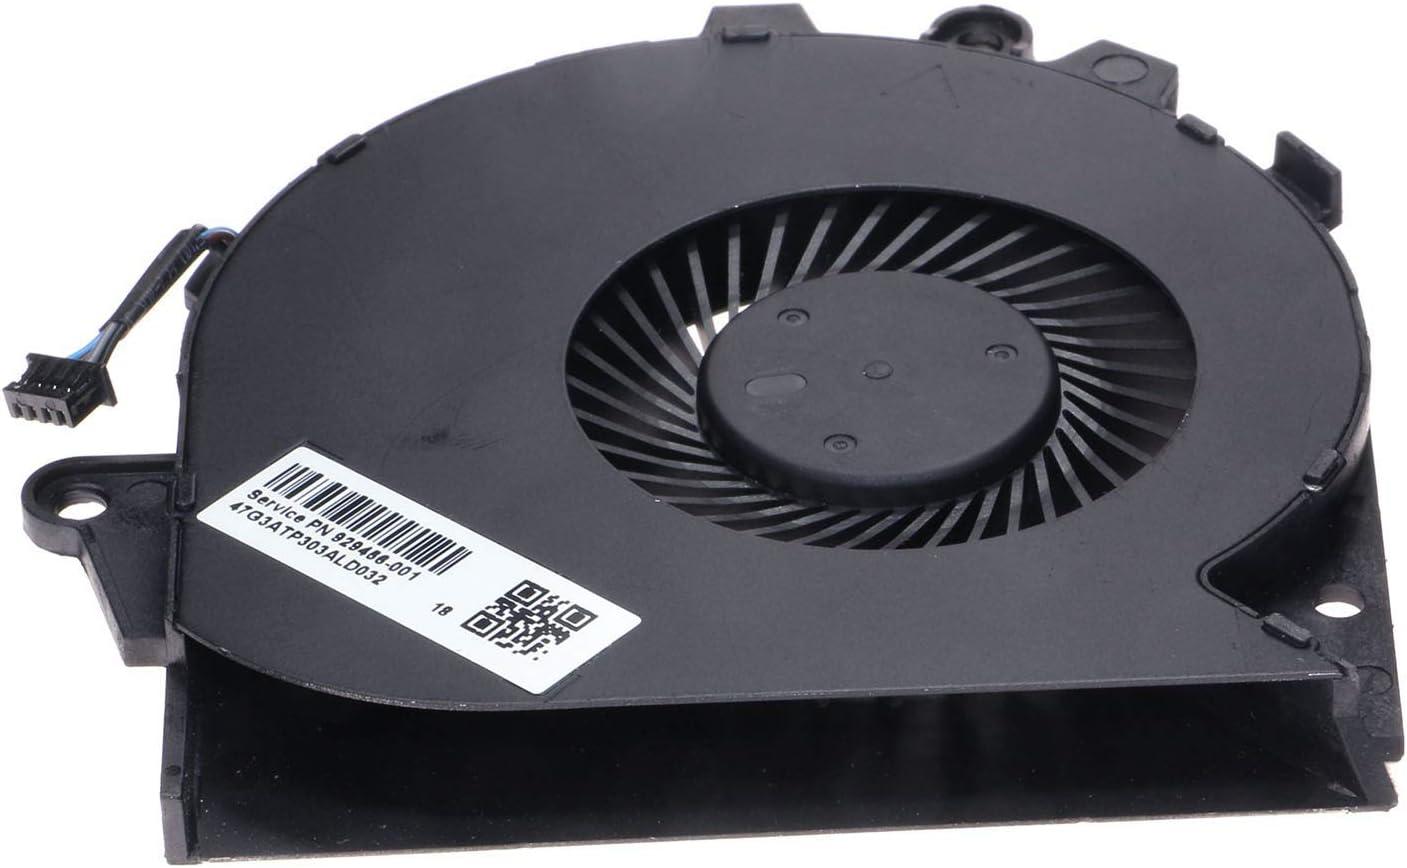 HP Omen 15-5150ne Power4Laptops Replacement Laptop Fan for Left Side Processor for HP OMEN 15-5116TX HP Omen 15-5117TX HP Omen 15-5120NR HP Omen 15-5118TX